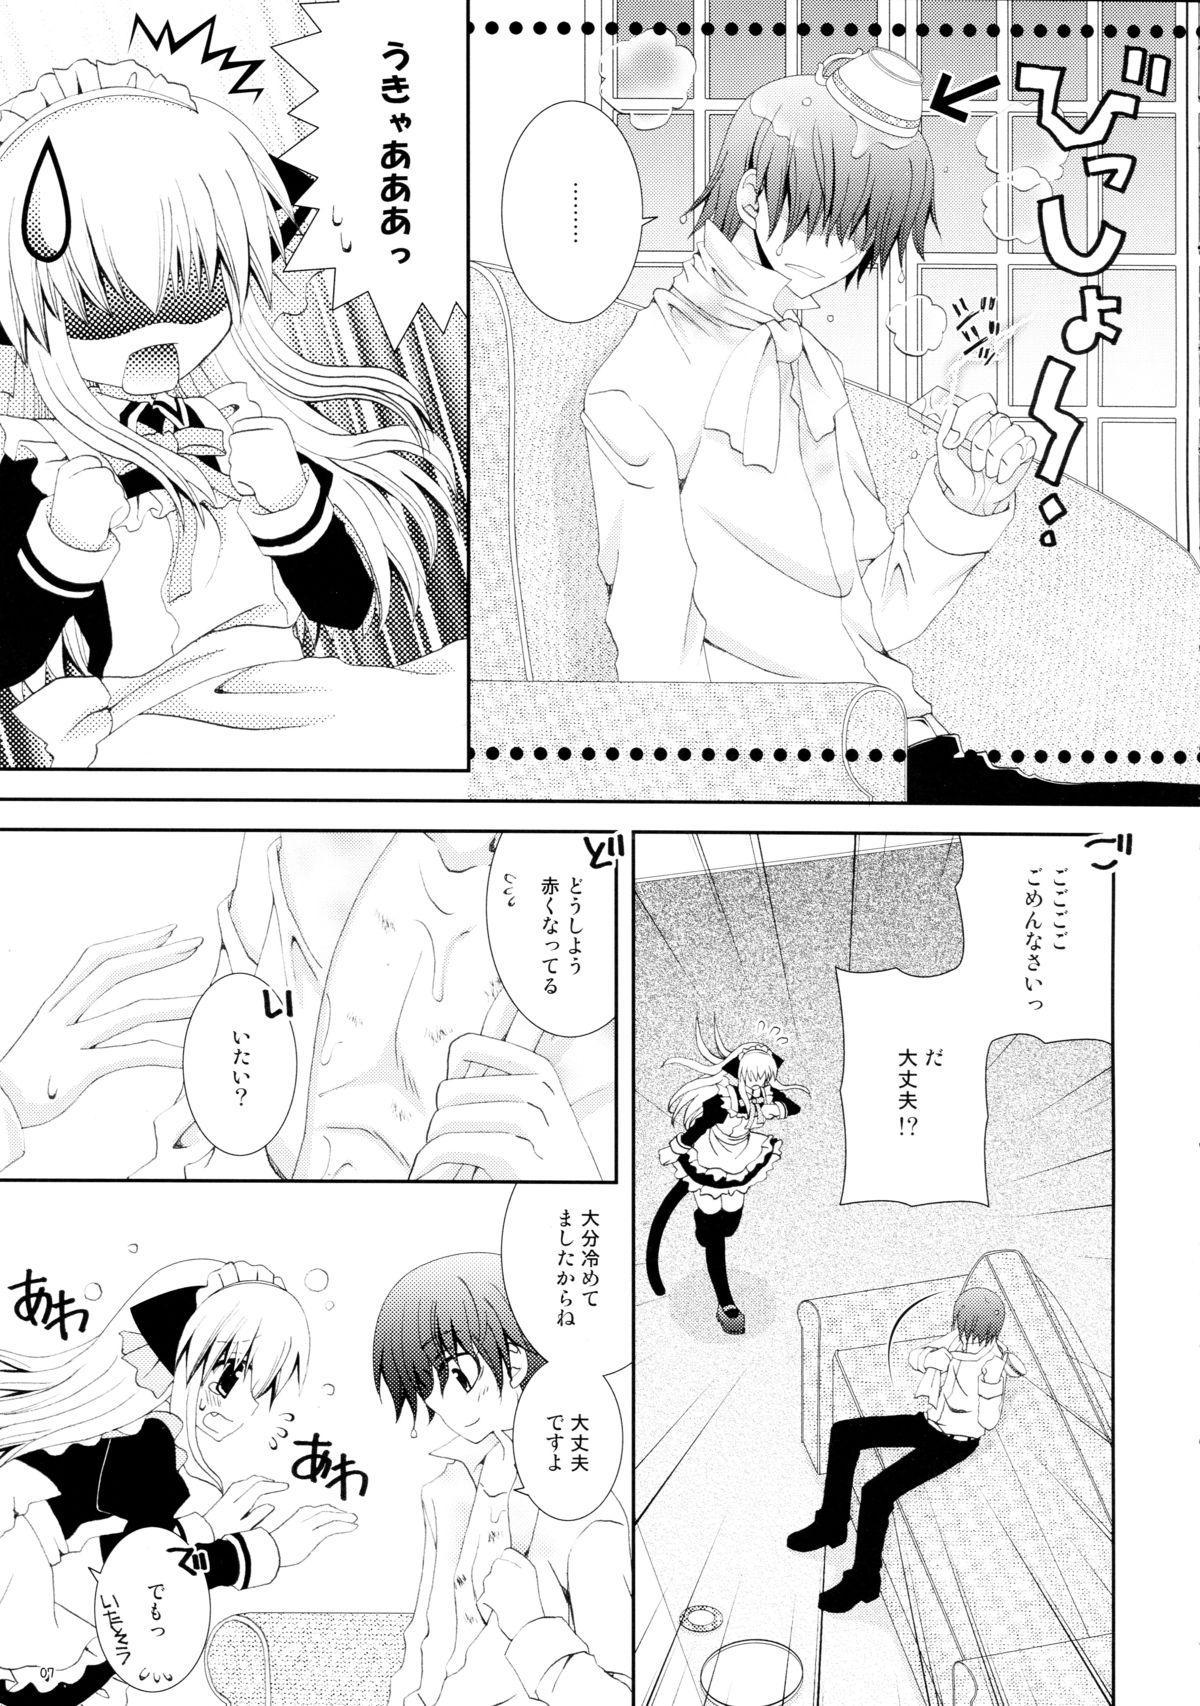 Koneko no Gohoushi 6